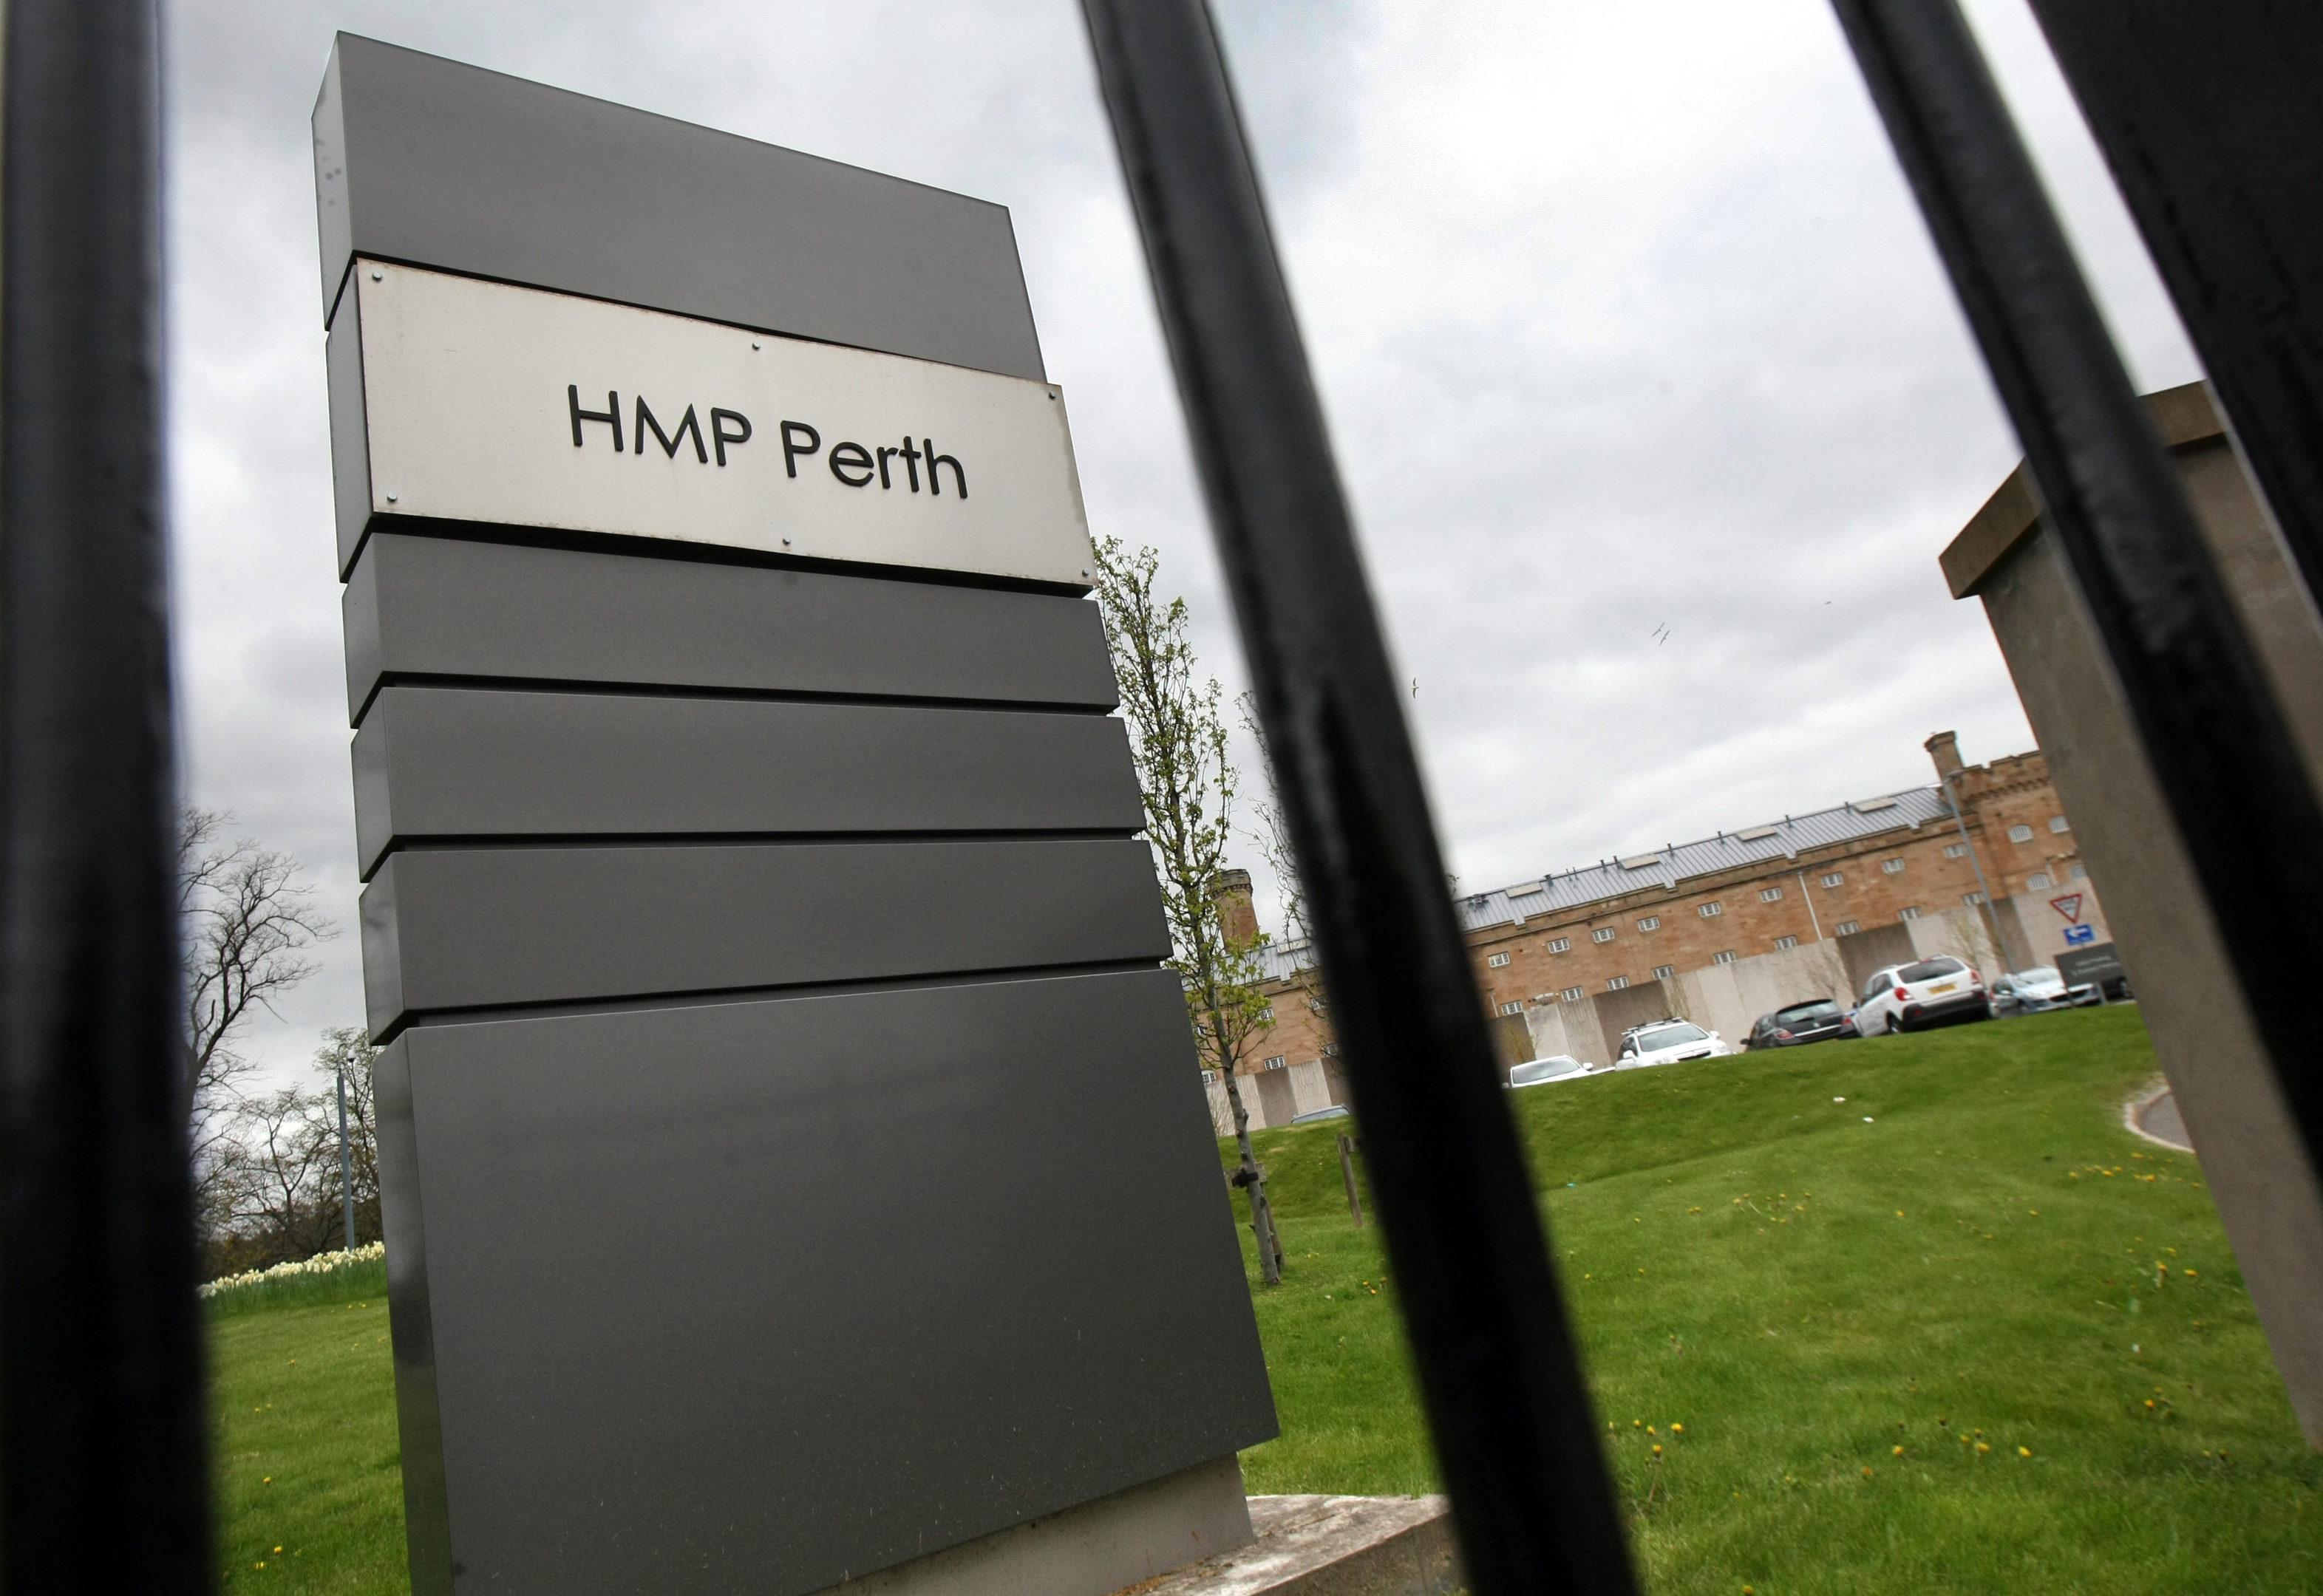 HMP Perth.